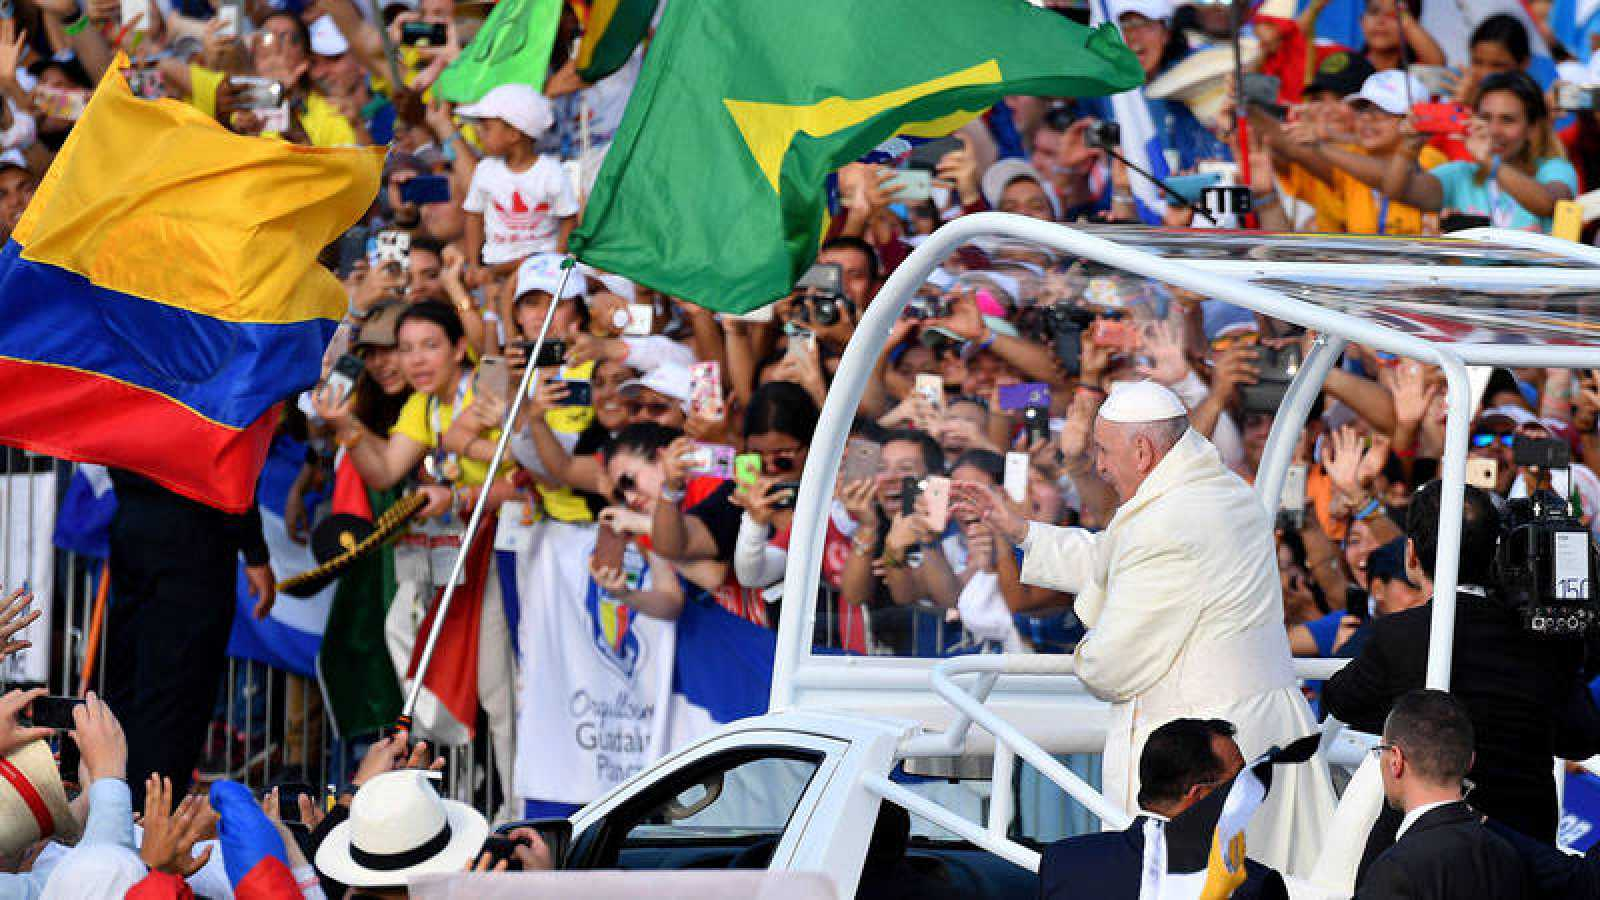 El papa Francisco anima a los jóvenes a desautorizar a quienes los excluyen